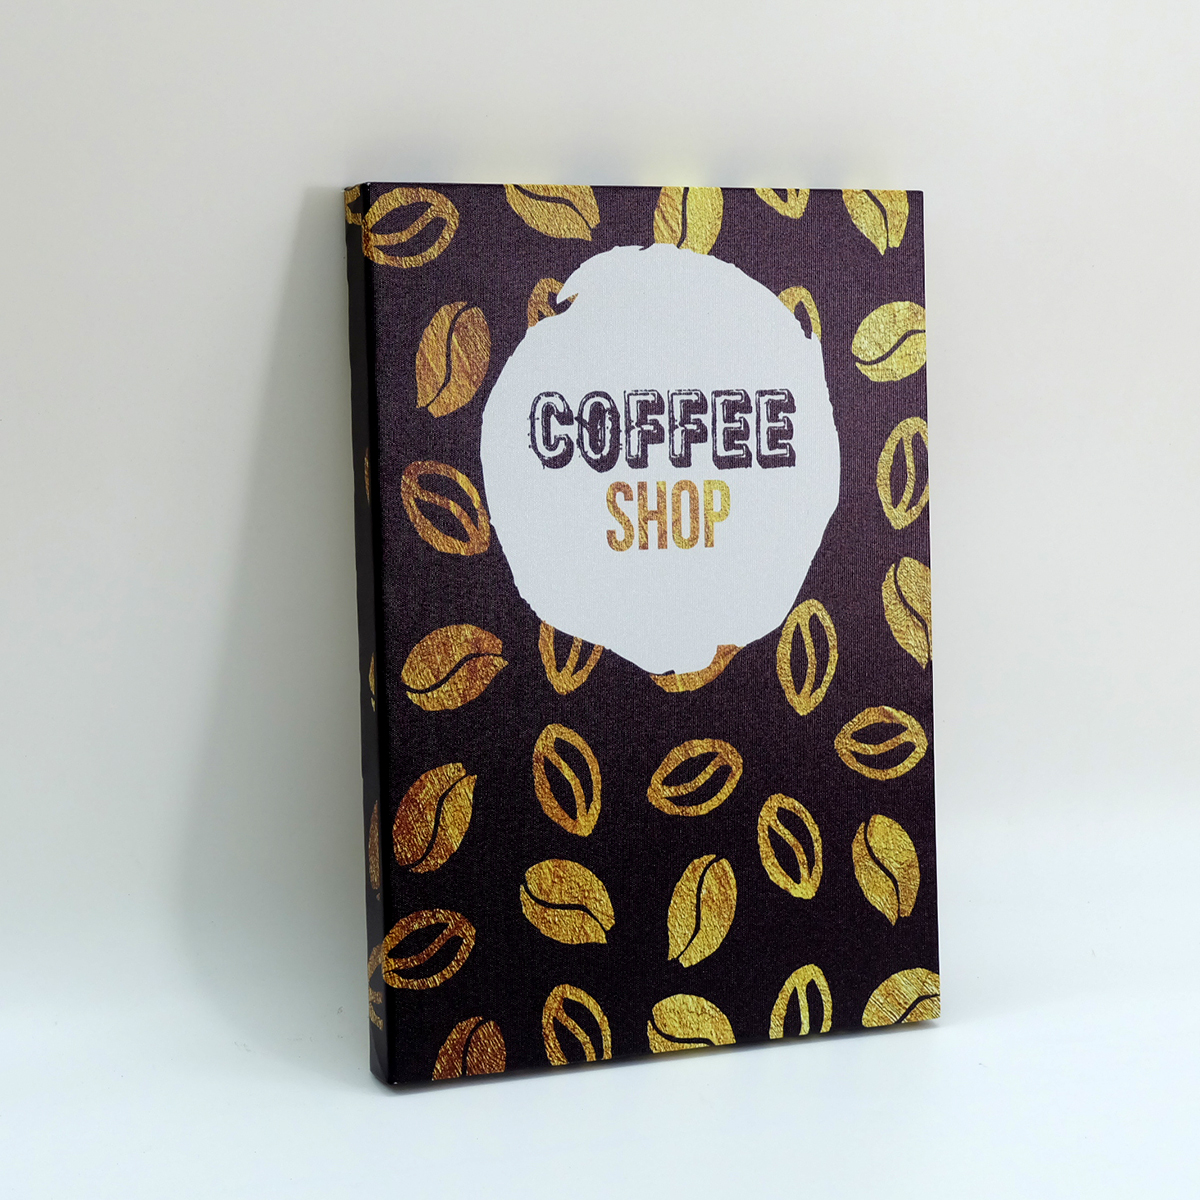 Tranh slogan canvas tạo động lực [trang trí quán cafe] DCC025C Coffee Shop  Cocopic